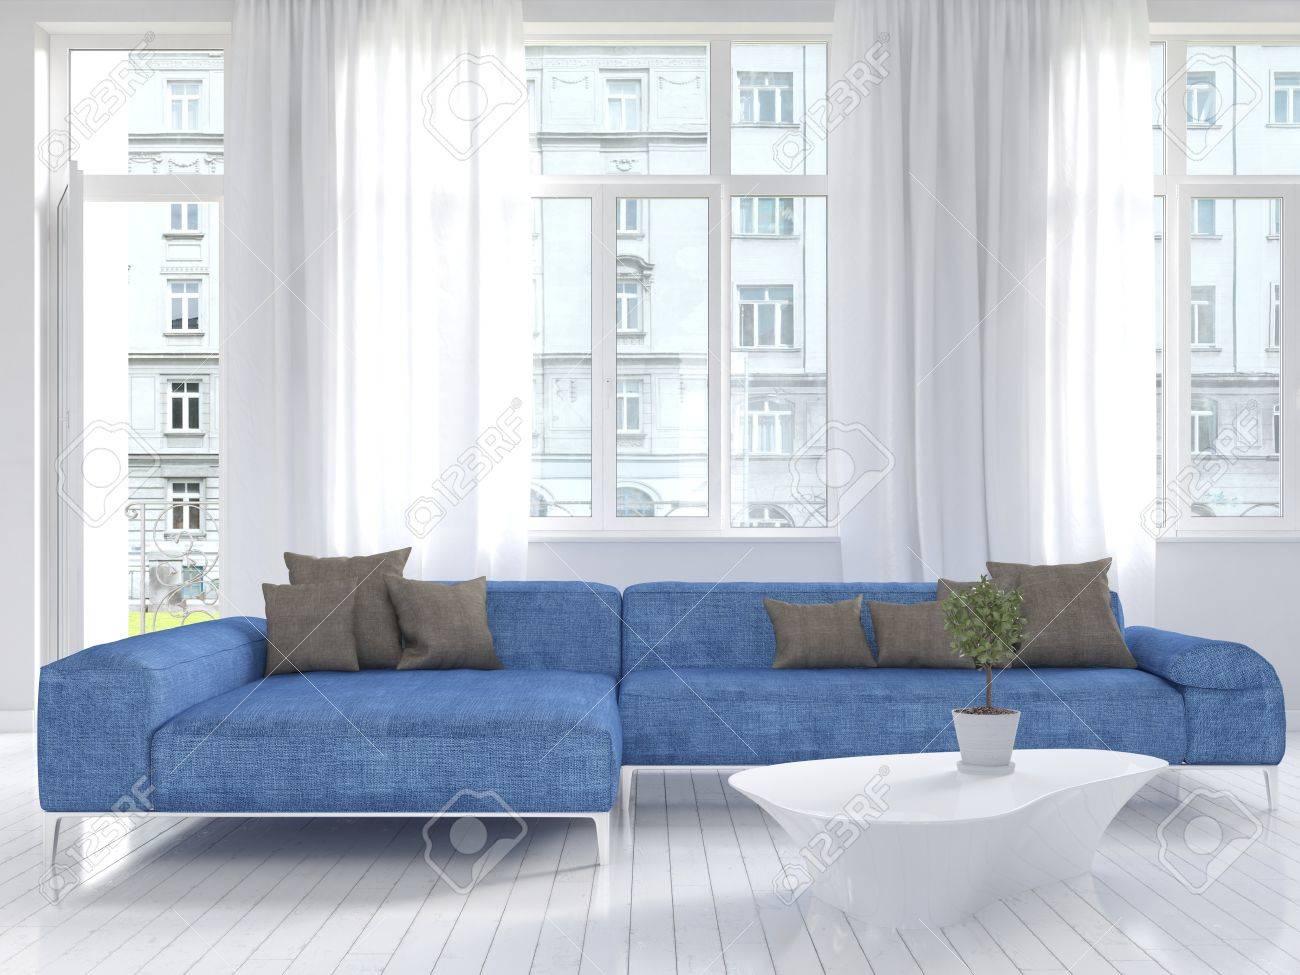 Foto van witte woonkamer interieur met blauwe bank royalty vrije ...